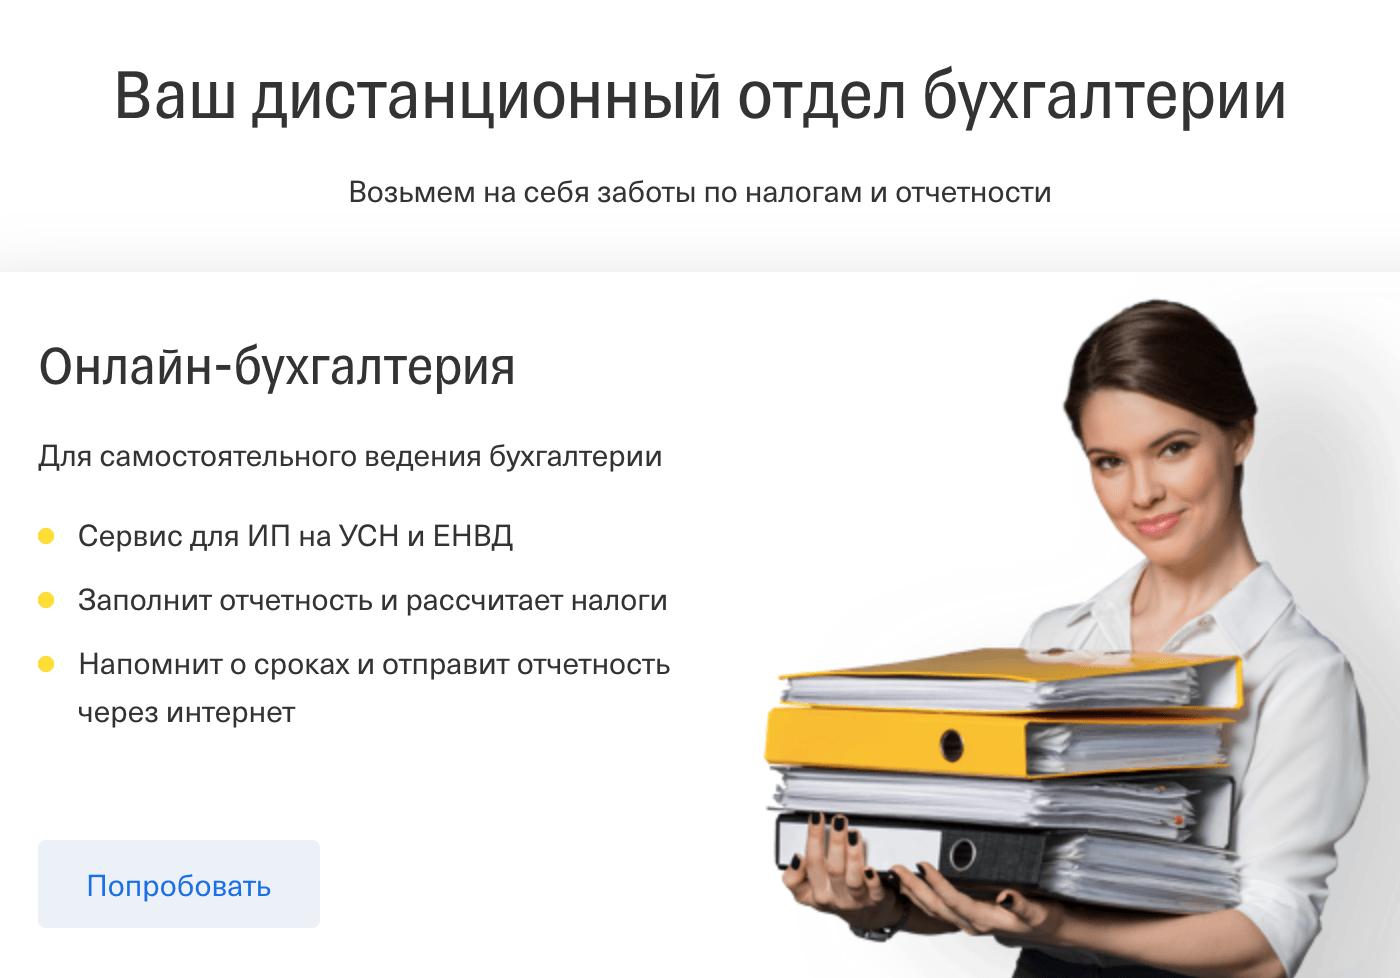 На сайте банков обычно указано, что входит в услуги бухгалтера